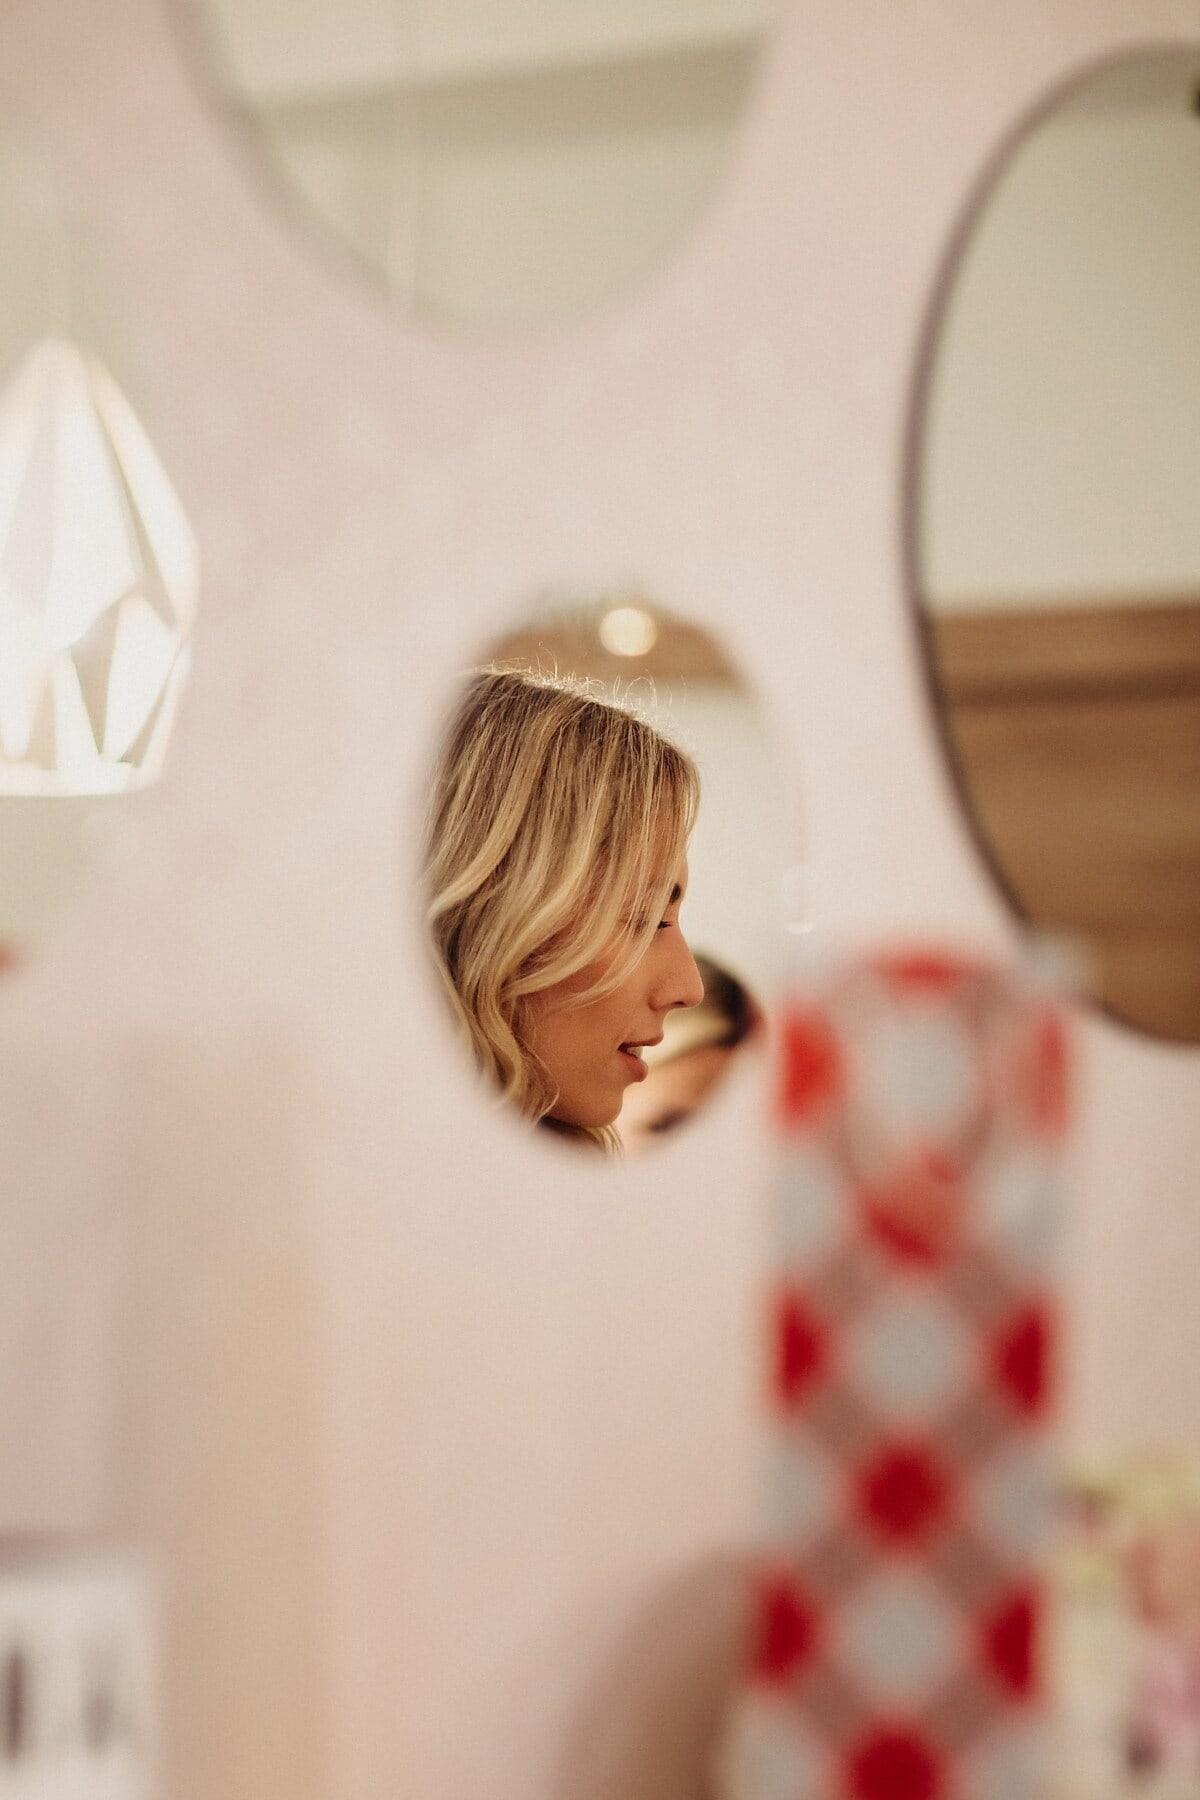 金发女郎, 年轻女子, 侧面视图, 头, 内部, 休闲, 室内, 女人, 女孩, 肖像